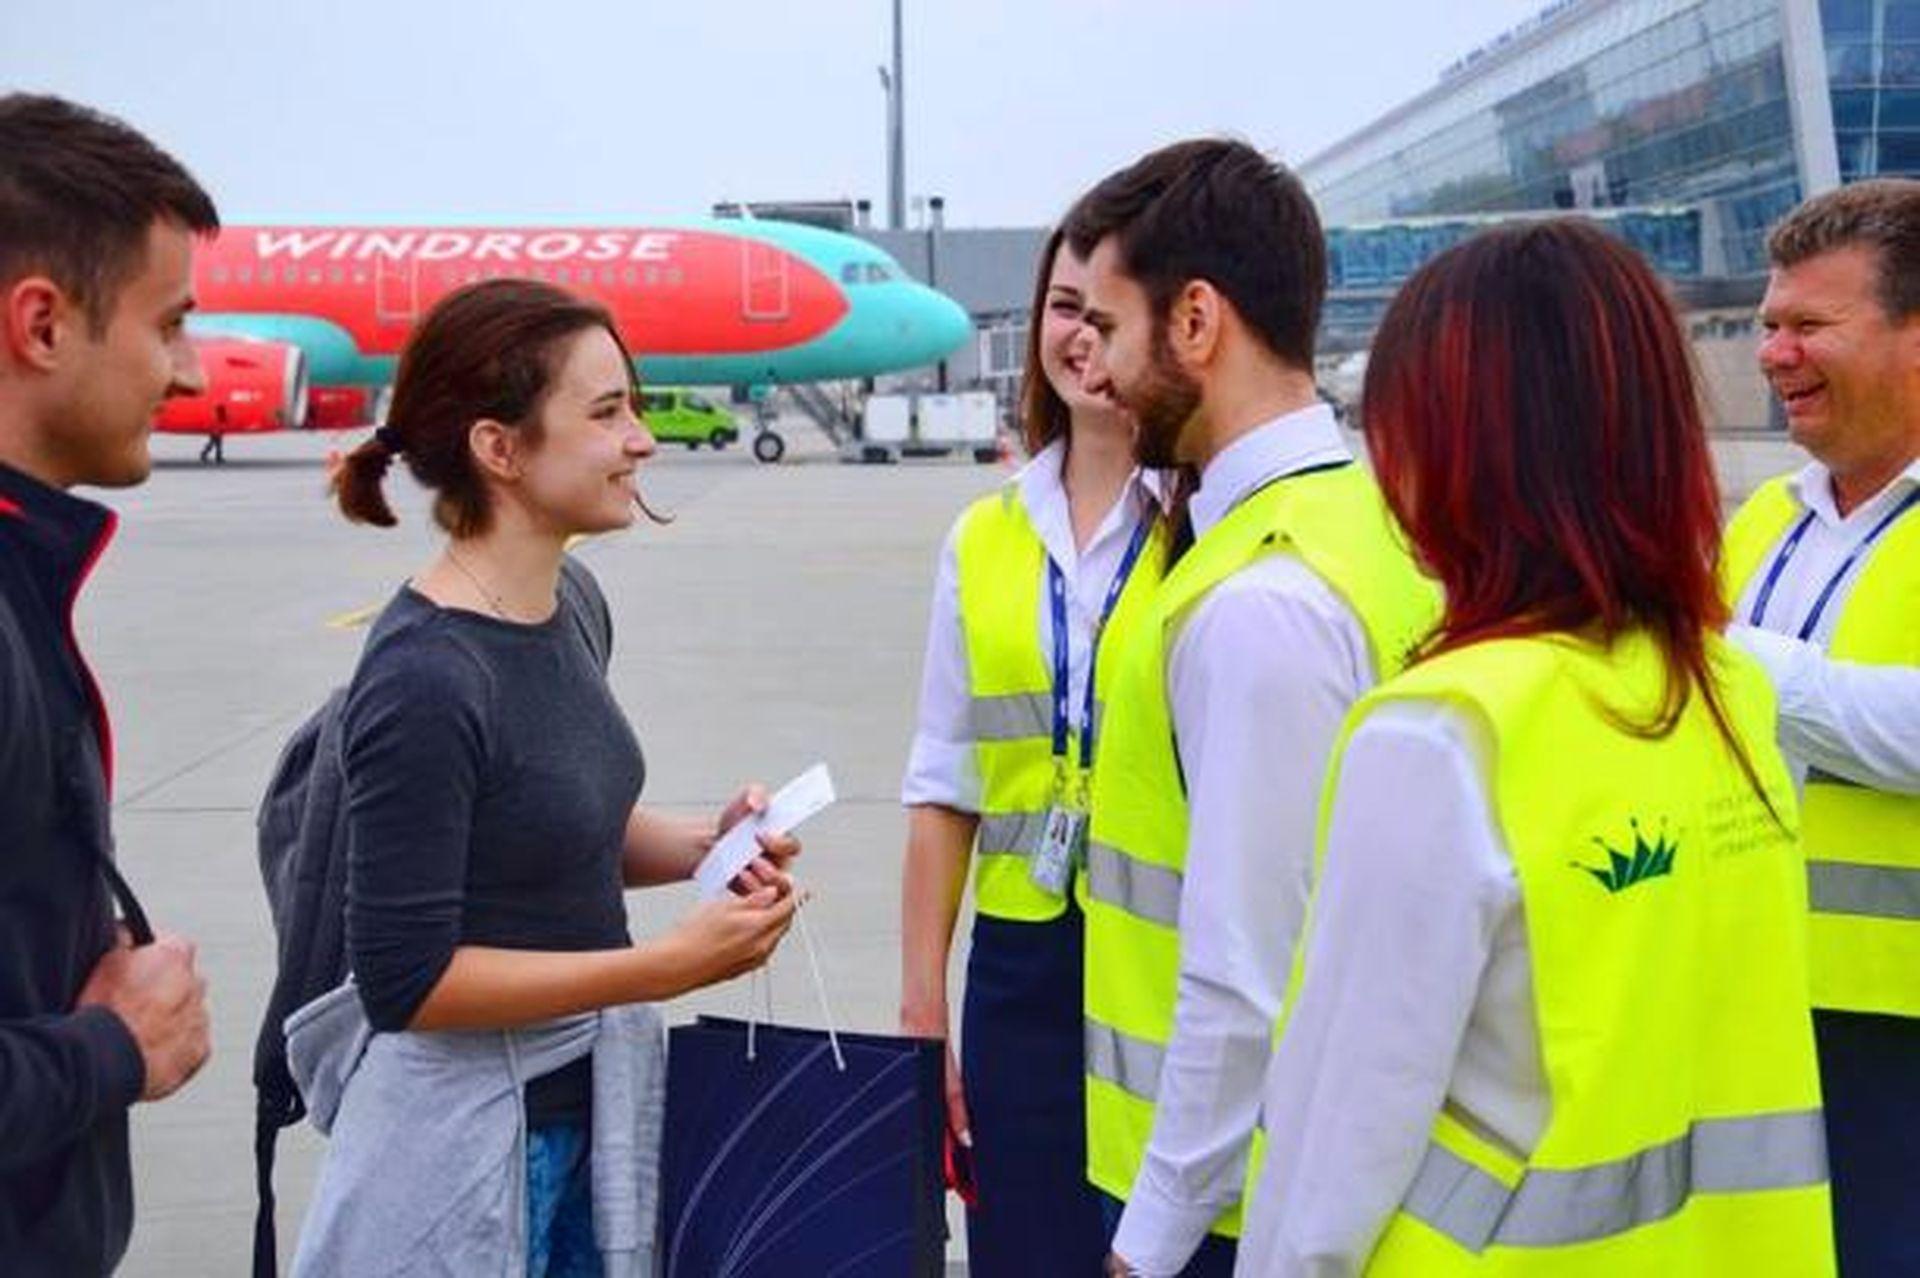 Львівське летовище зустріло мільйонну пасажирку